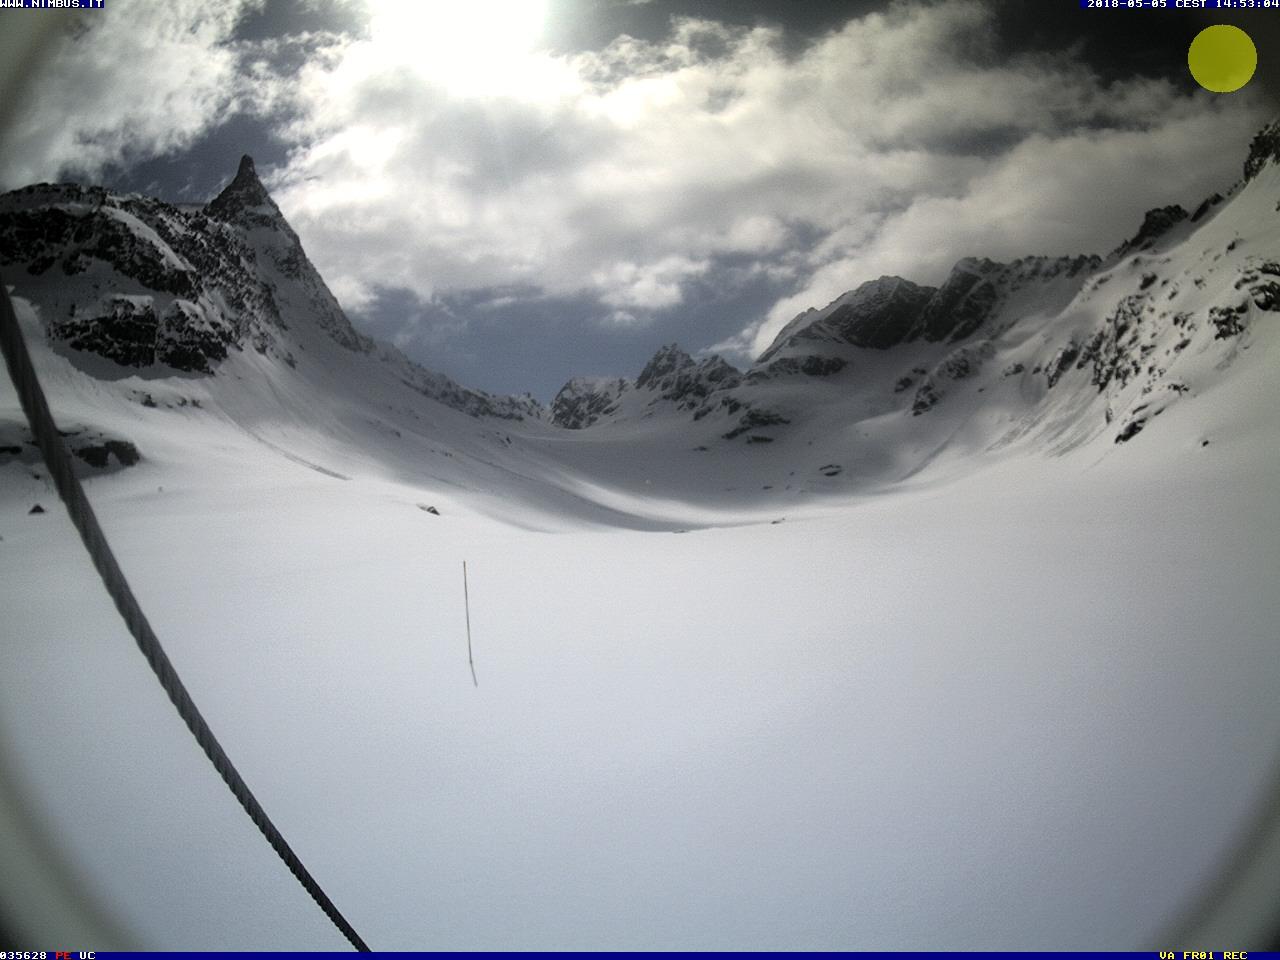 Nowcasting nivo glaciale Alpi inverno 2017-2018-62bd26da-a0df-48e7-ac41-af5e58e5c226.jpeg